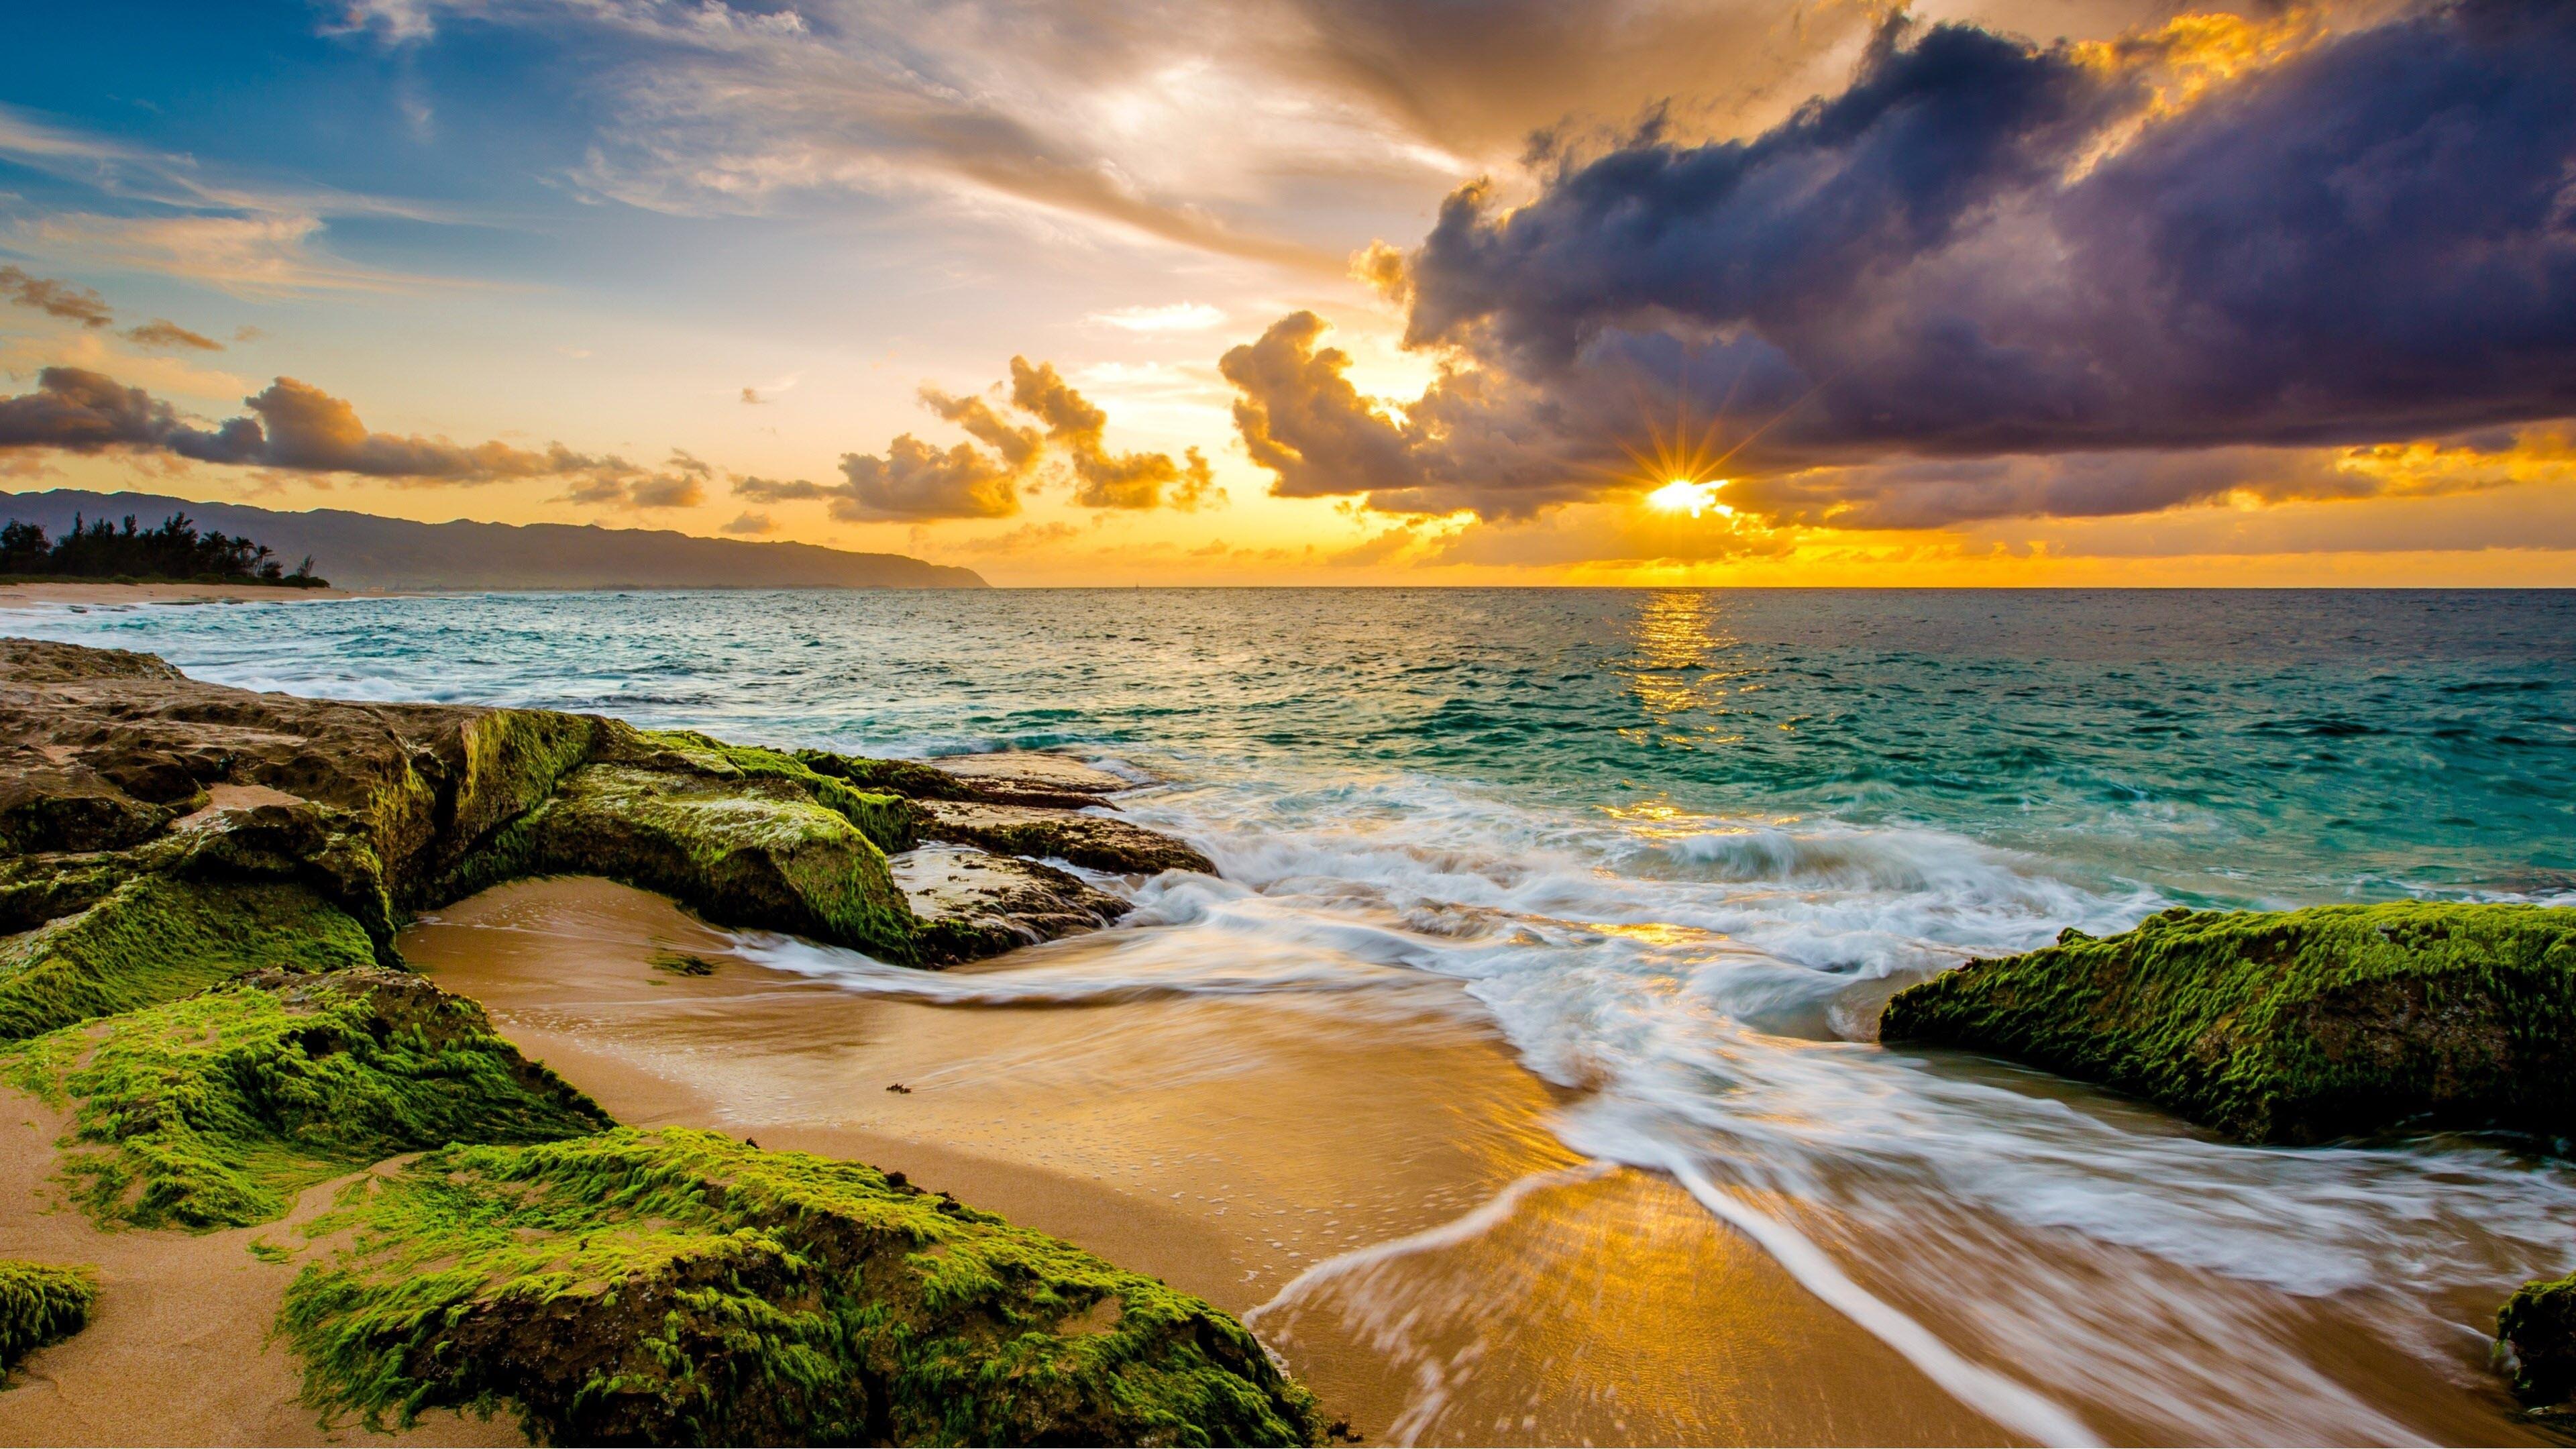 Ảnh nền bãi biển 4K